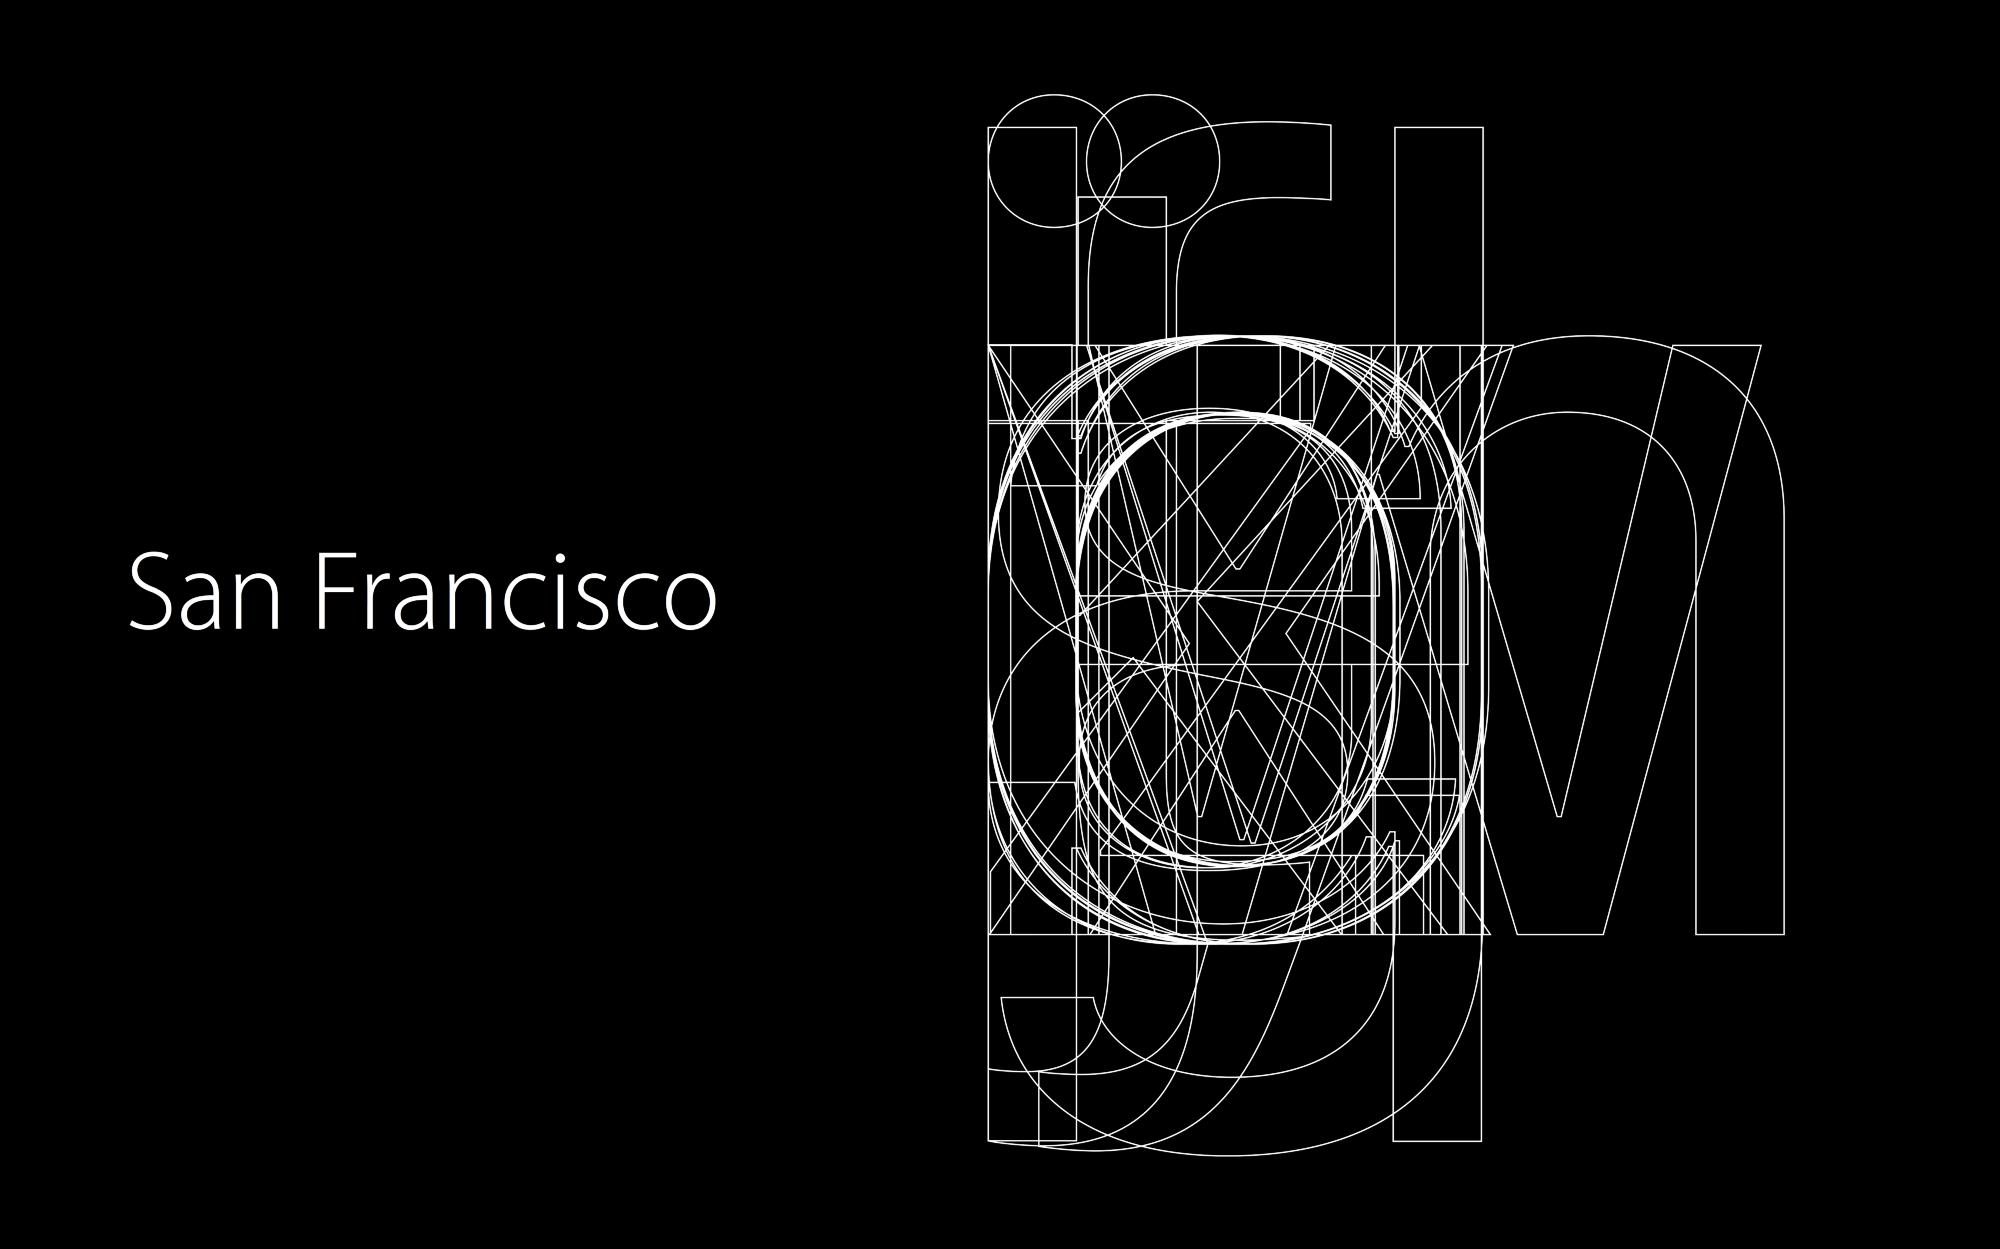 流言终结者!为你解读苹果San Francisco字体的秘密